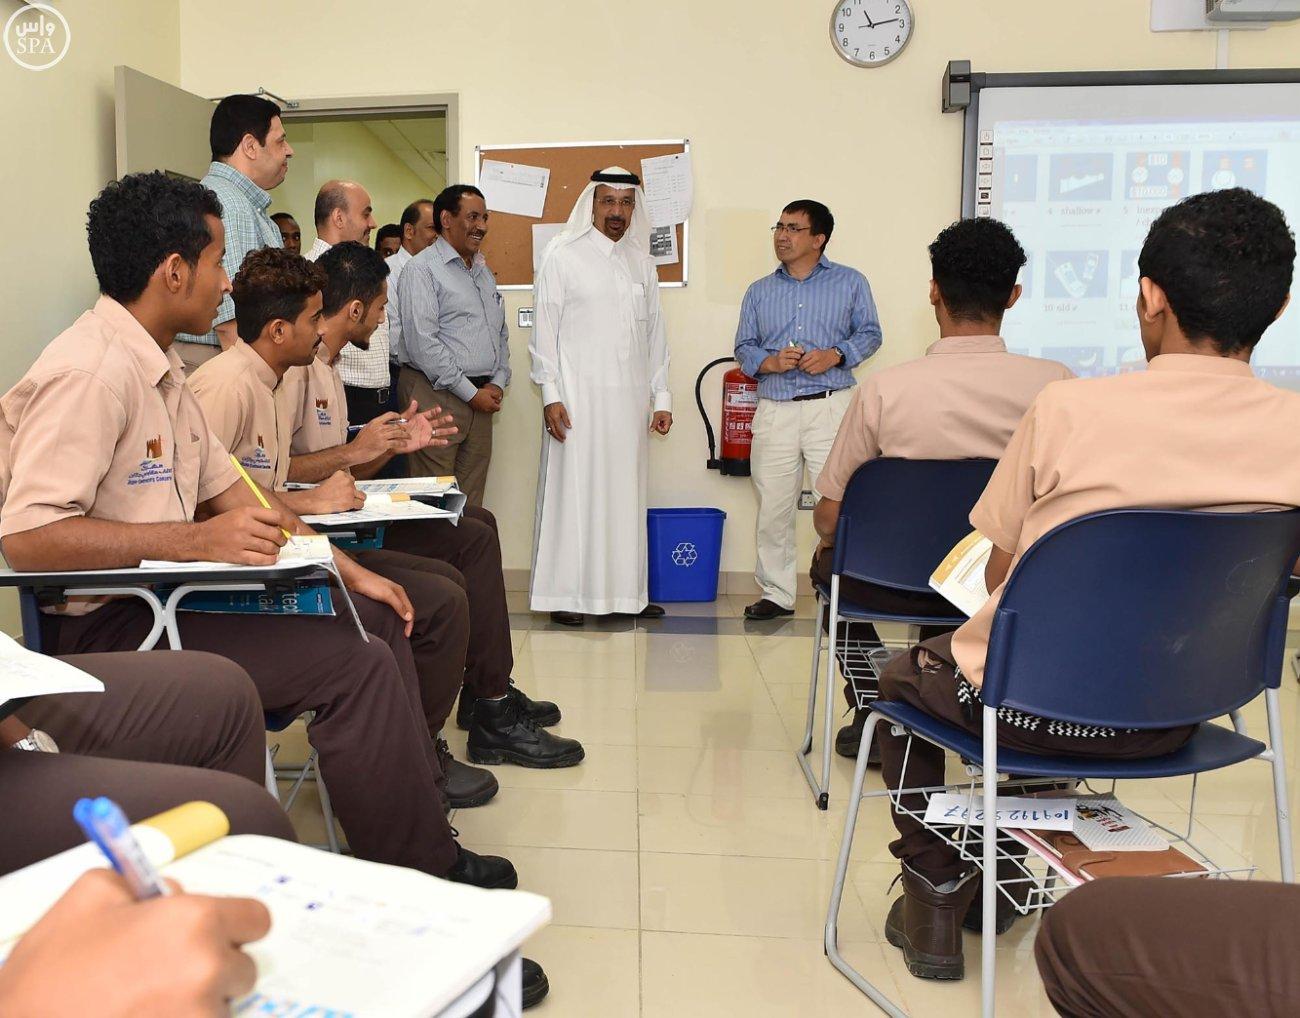 رئيس مجلس إدارة أرامكو السعودية يتفقد مدينة جازان الاقتصادية (1)